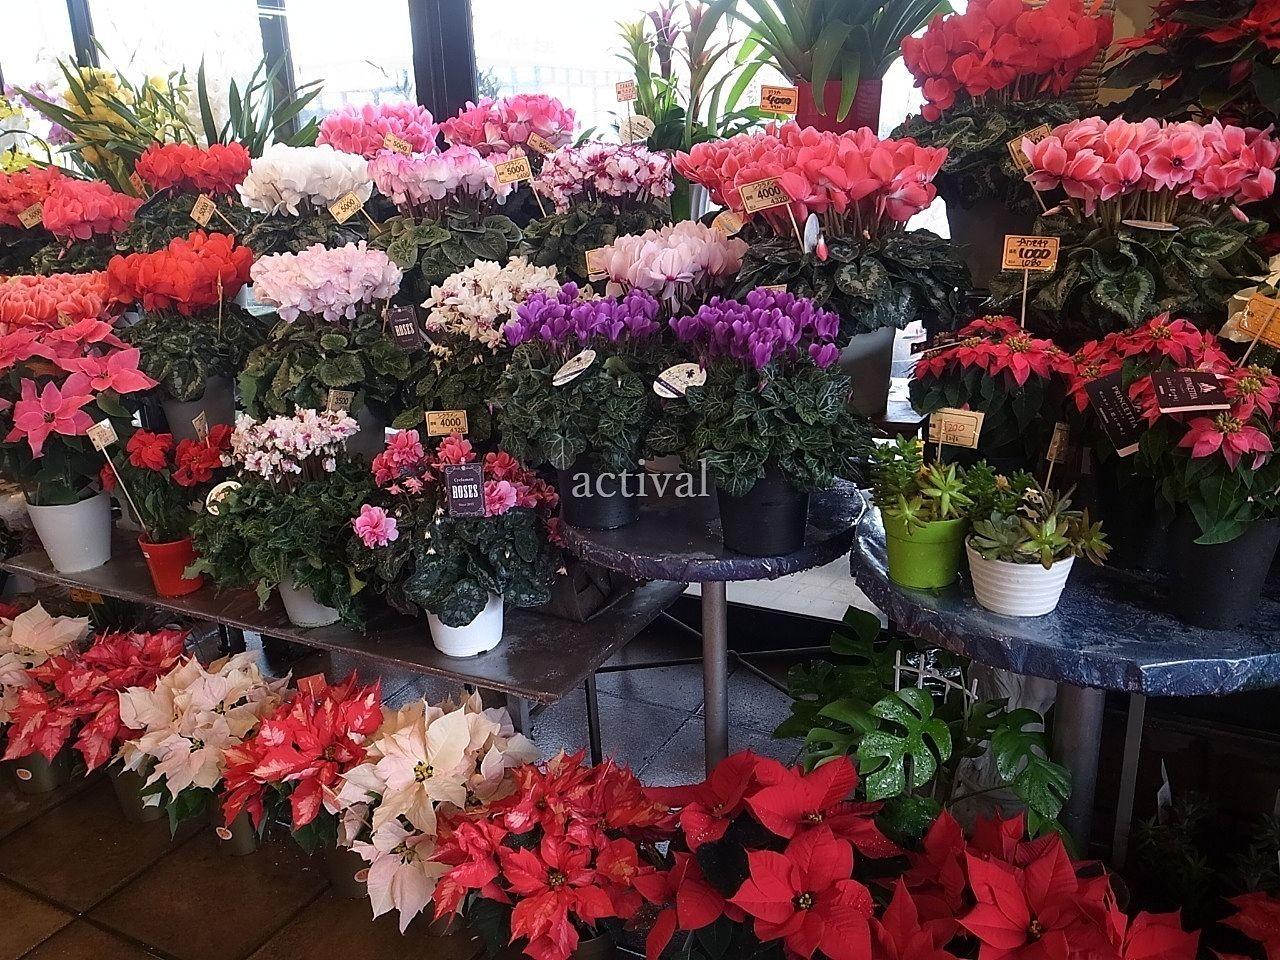 越谷・街のお花屋さん くろだ生花店のご紹介 ―ア・ス・ヴェルデのテナント紹介②―